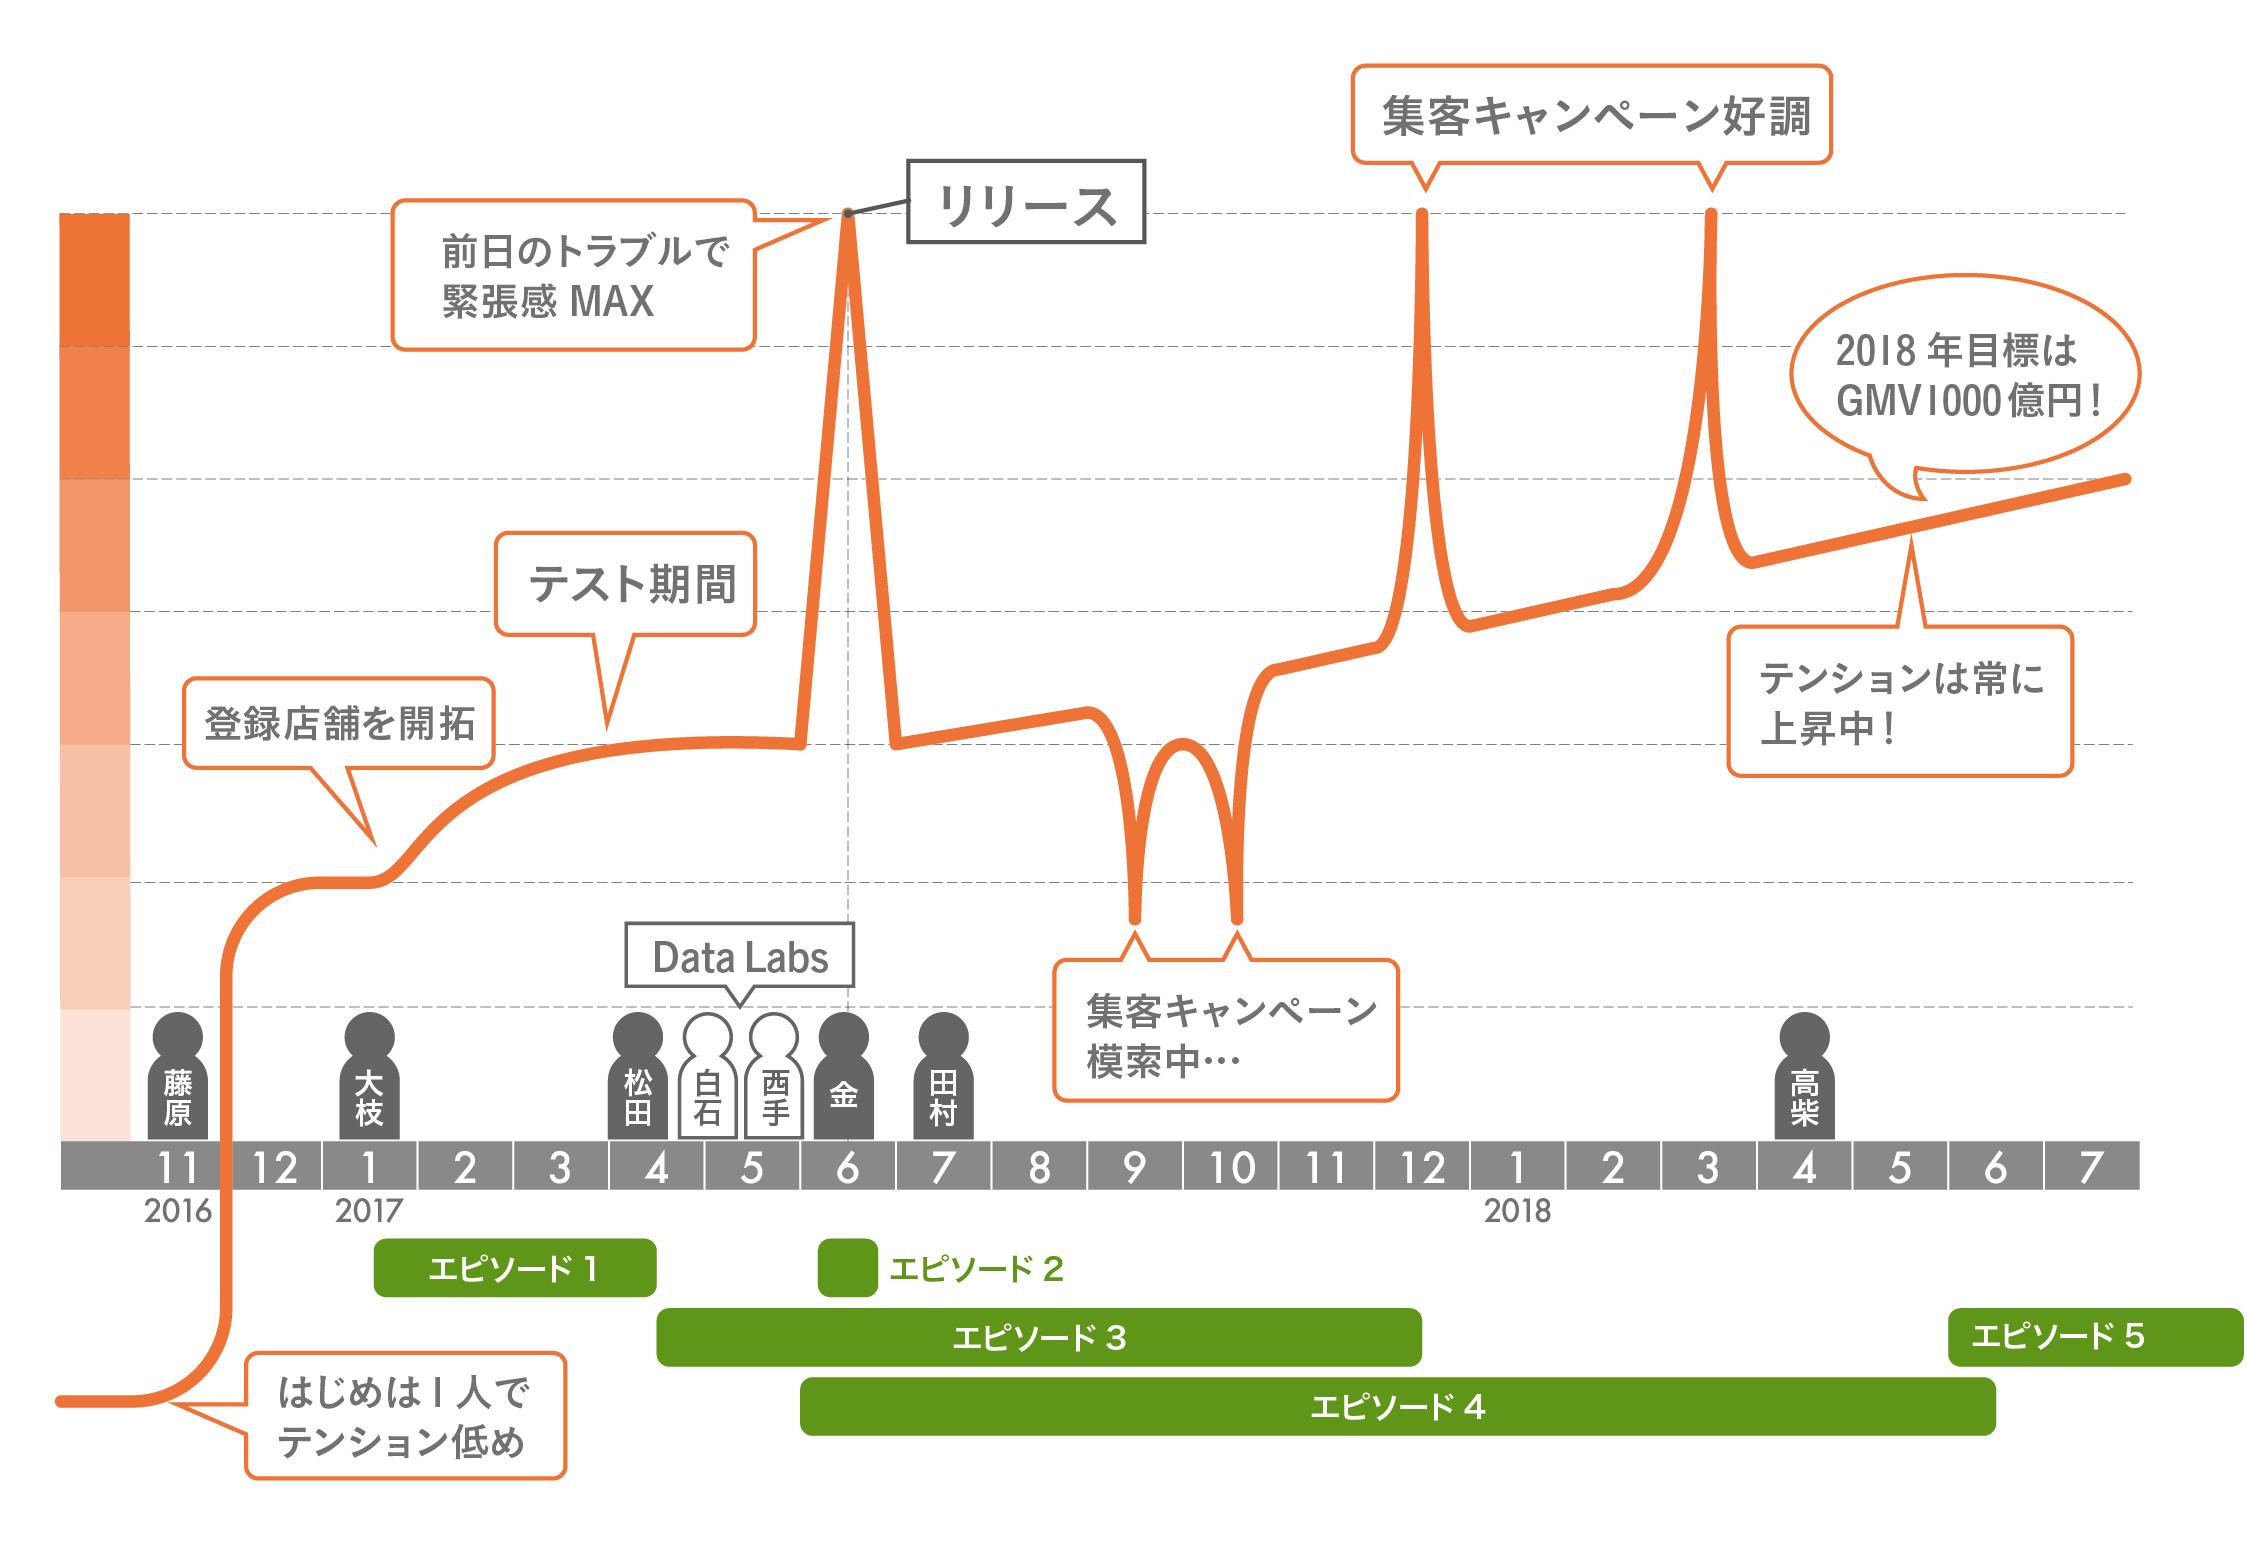 タイムラインHR用0720-01